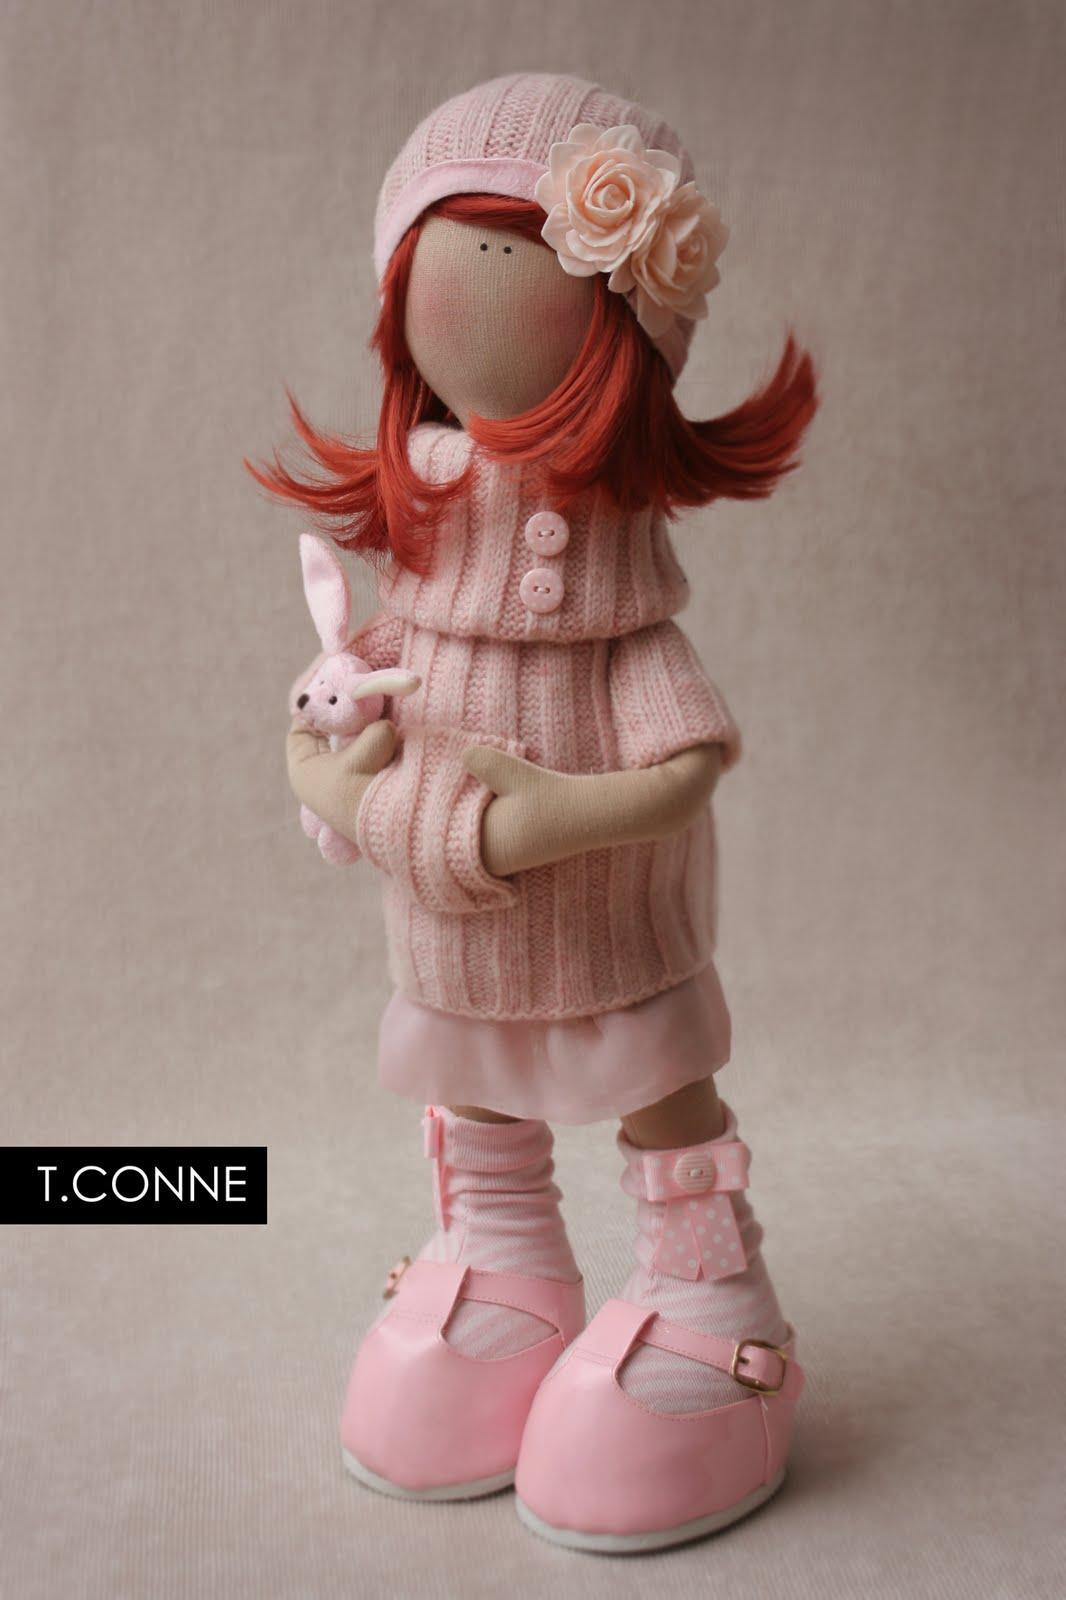 Разговорчики.  Куклы.  Захотелось поделиться=).  Для вдохновения.  Очередная чудесность от Татьяны Коннэ.